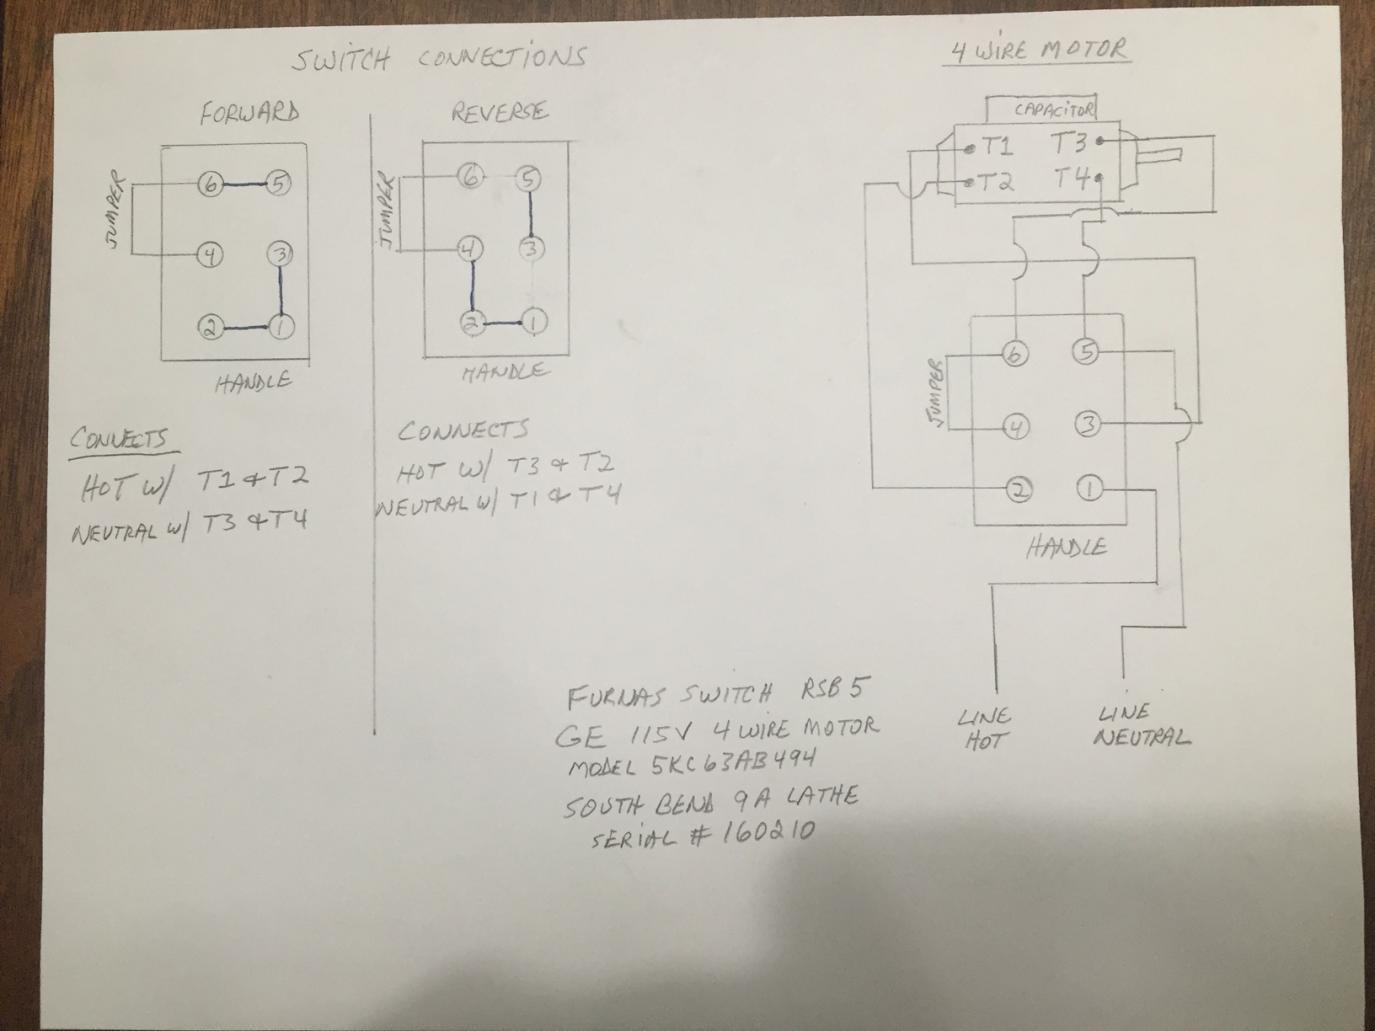 ge washer motor wiring diagram trailer plug wire older washing machine kenmore